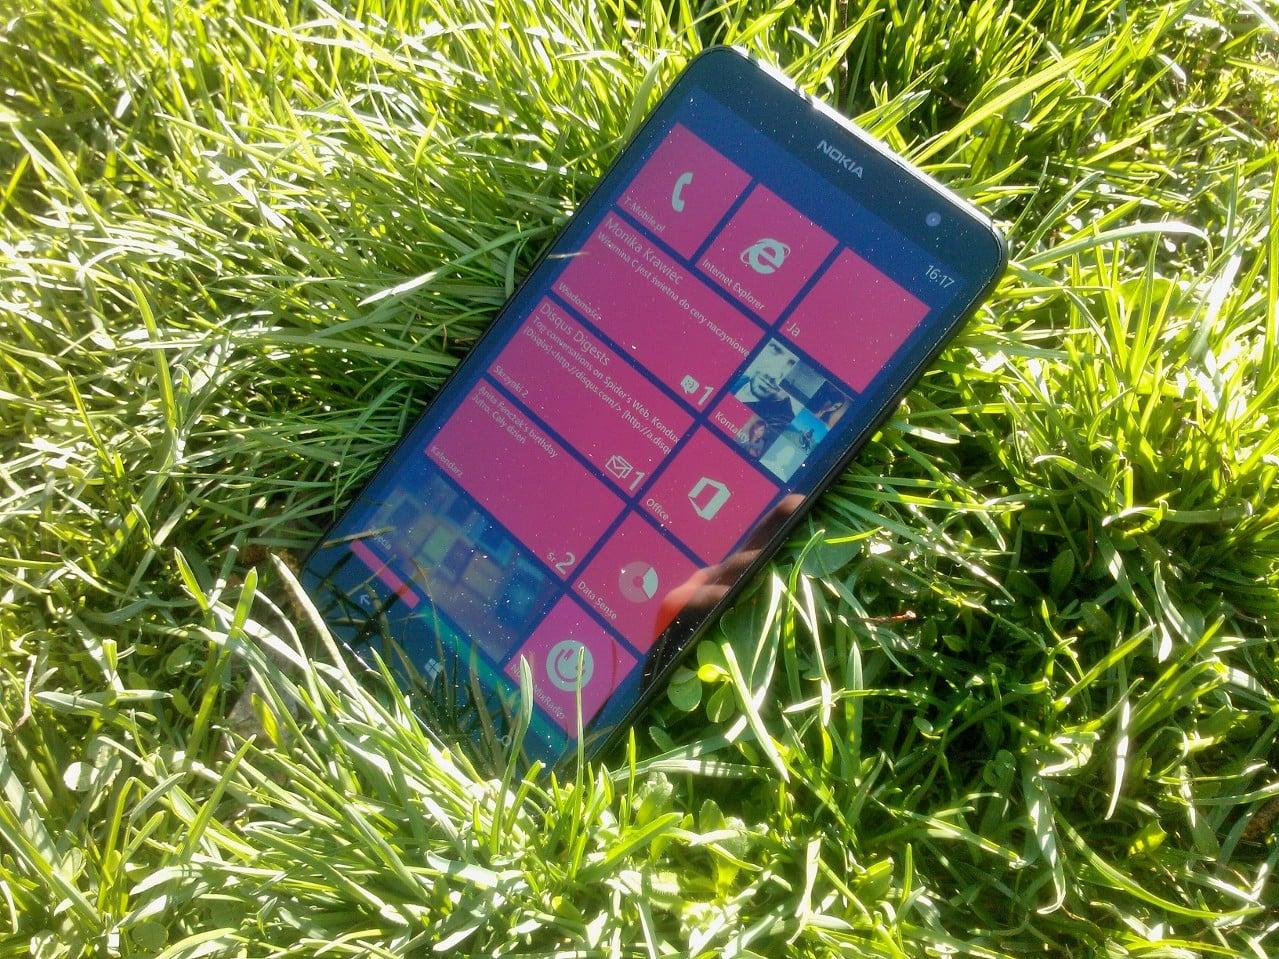 Windows Phone na wielkim ekranie – wrażenia z użytkowania 25